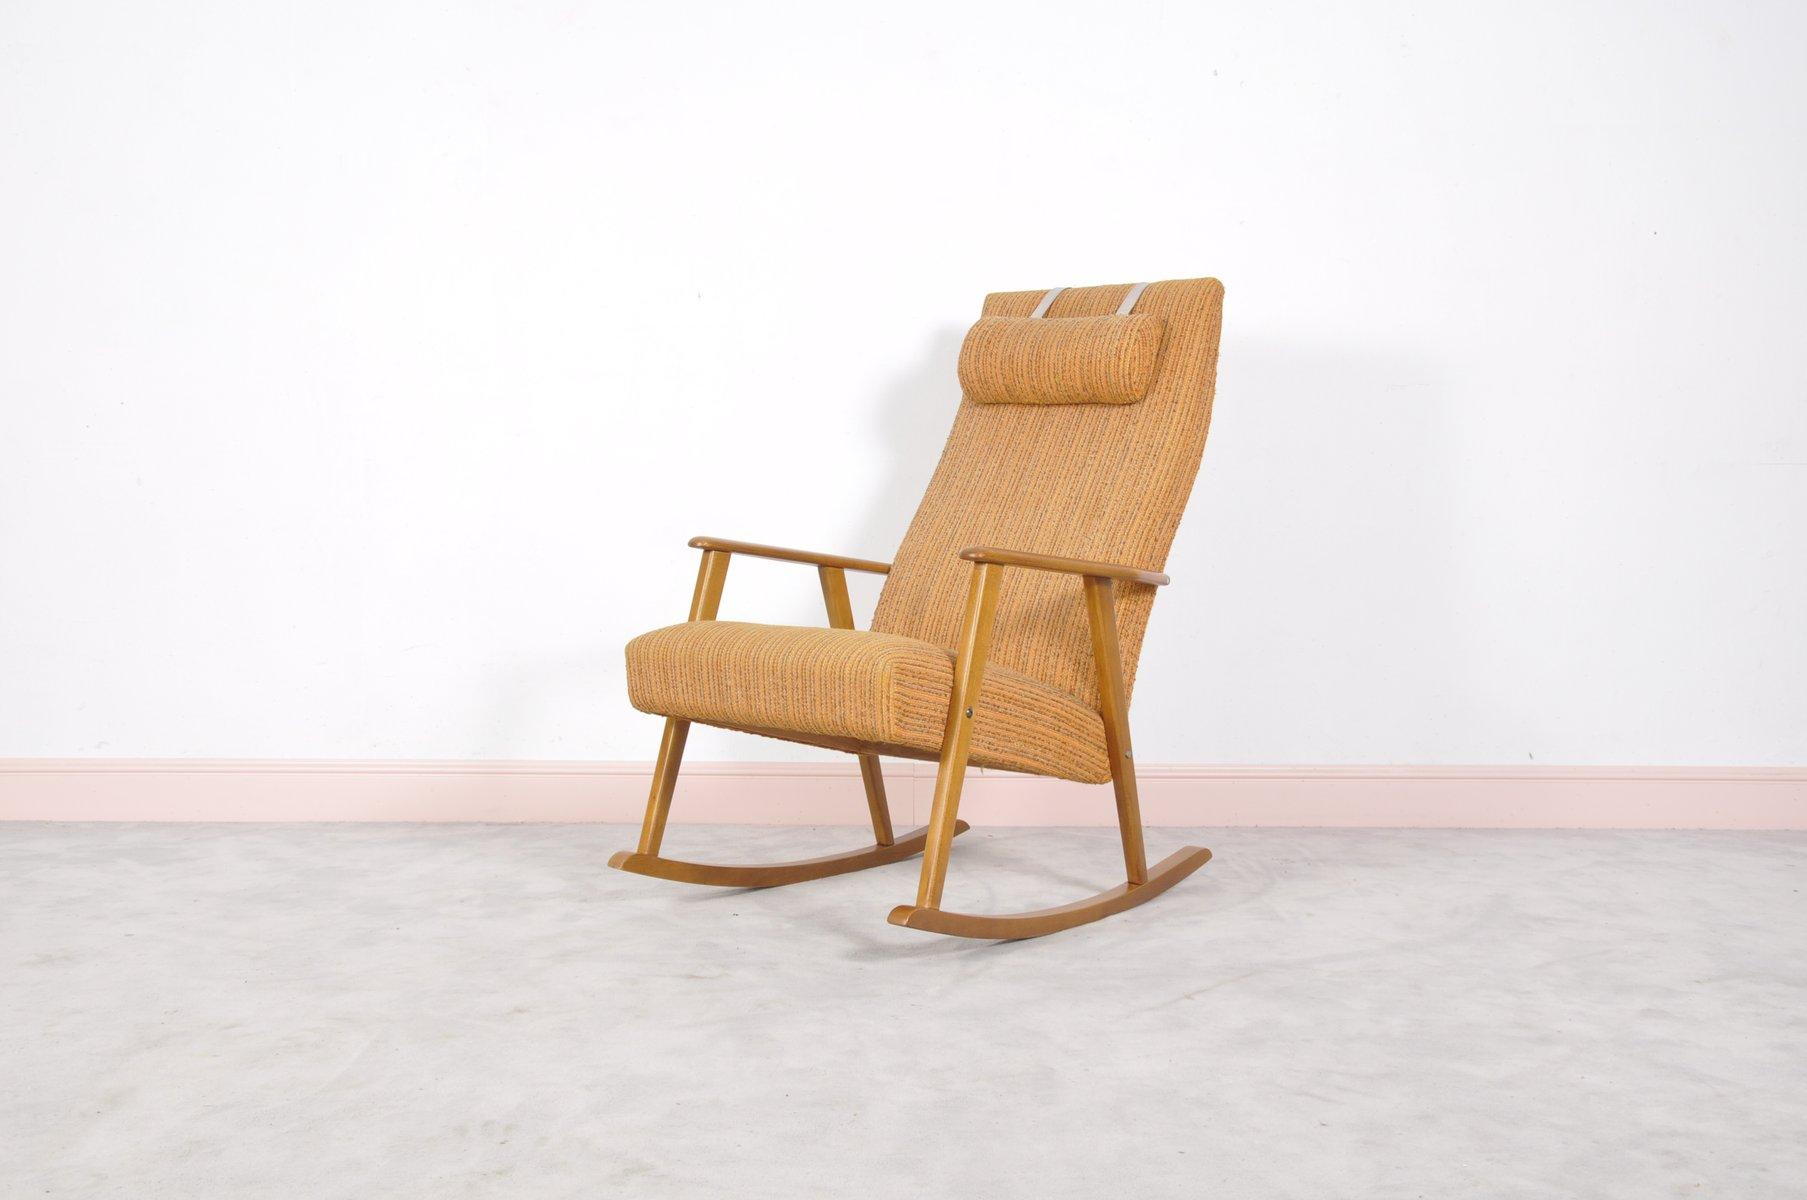 Moderner Schaukelstuhl schwedischer mid century modern schaukelstuhl johanson design